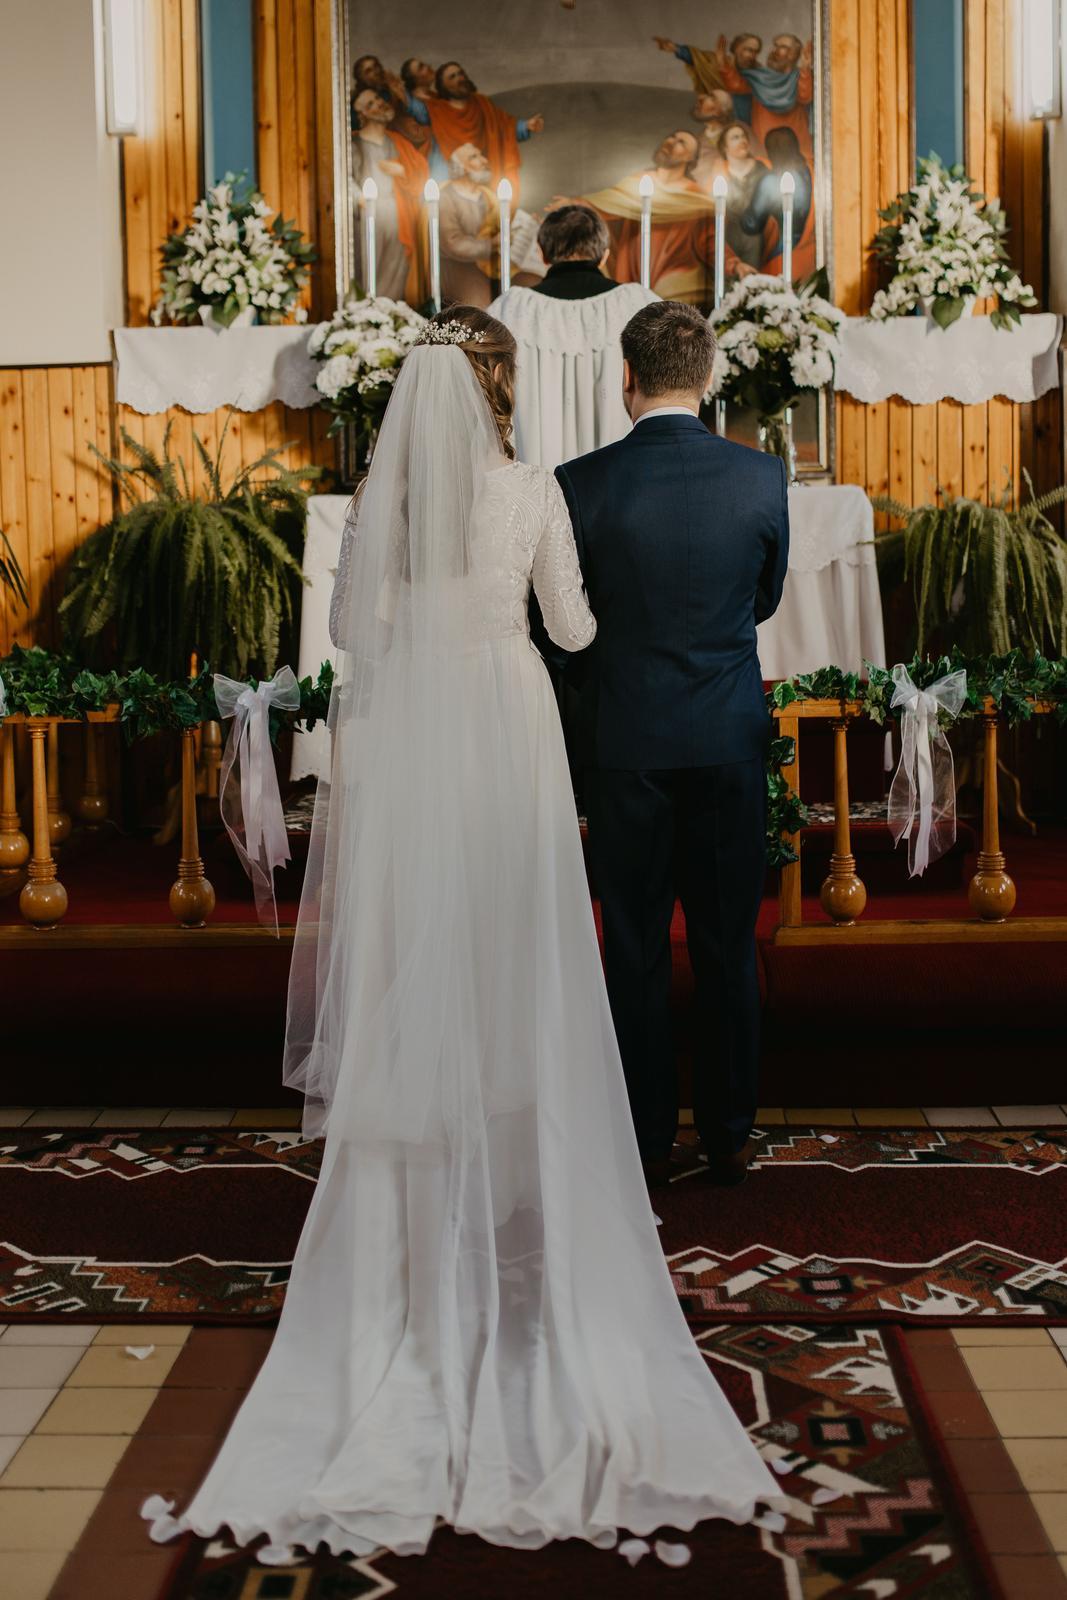 Padavé svadobné šaty s vlečkou - Obrázok č. 2